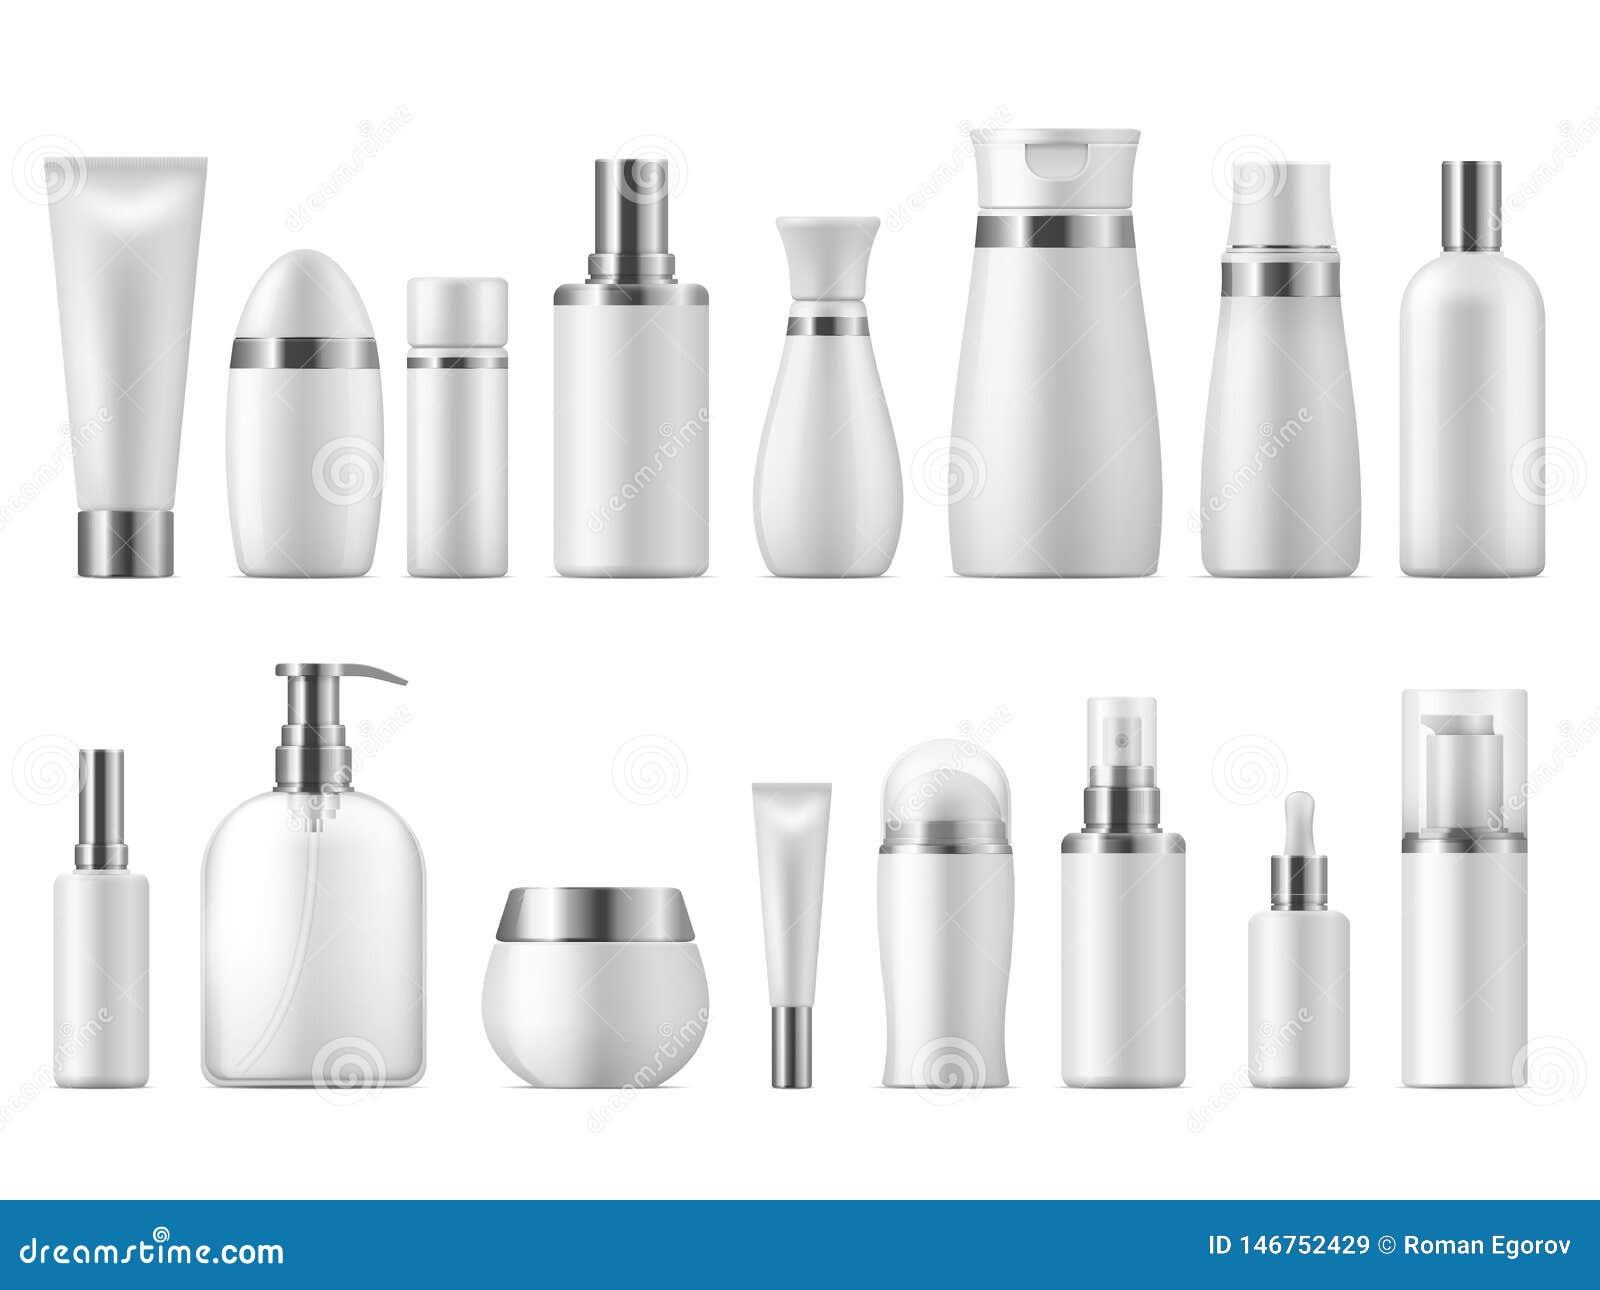 Ρεαλιστική καλλυντική συσκευασία Ομορφιάς καλλυντικό κενό πρότυπο καλλυντικών προϊόντων κενό άσπρο τρισδιάστατο pack spa o